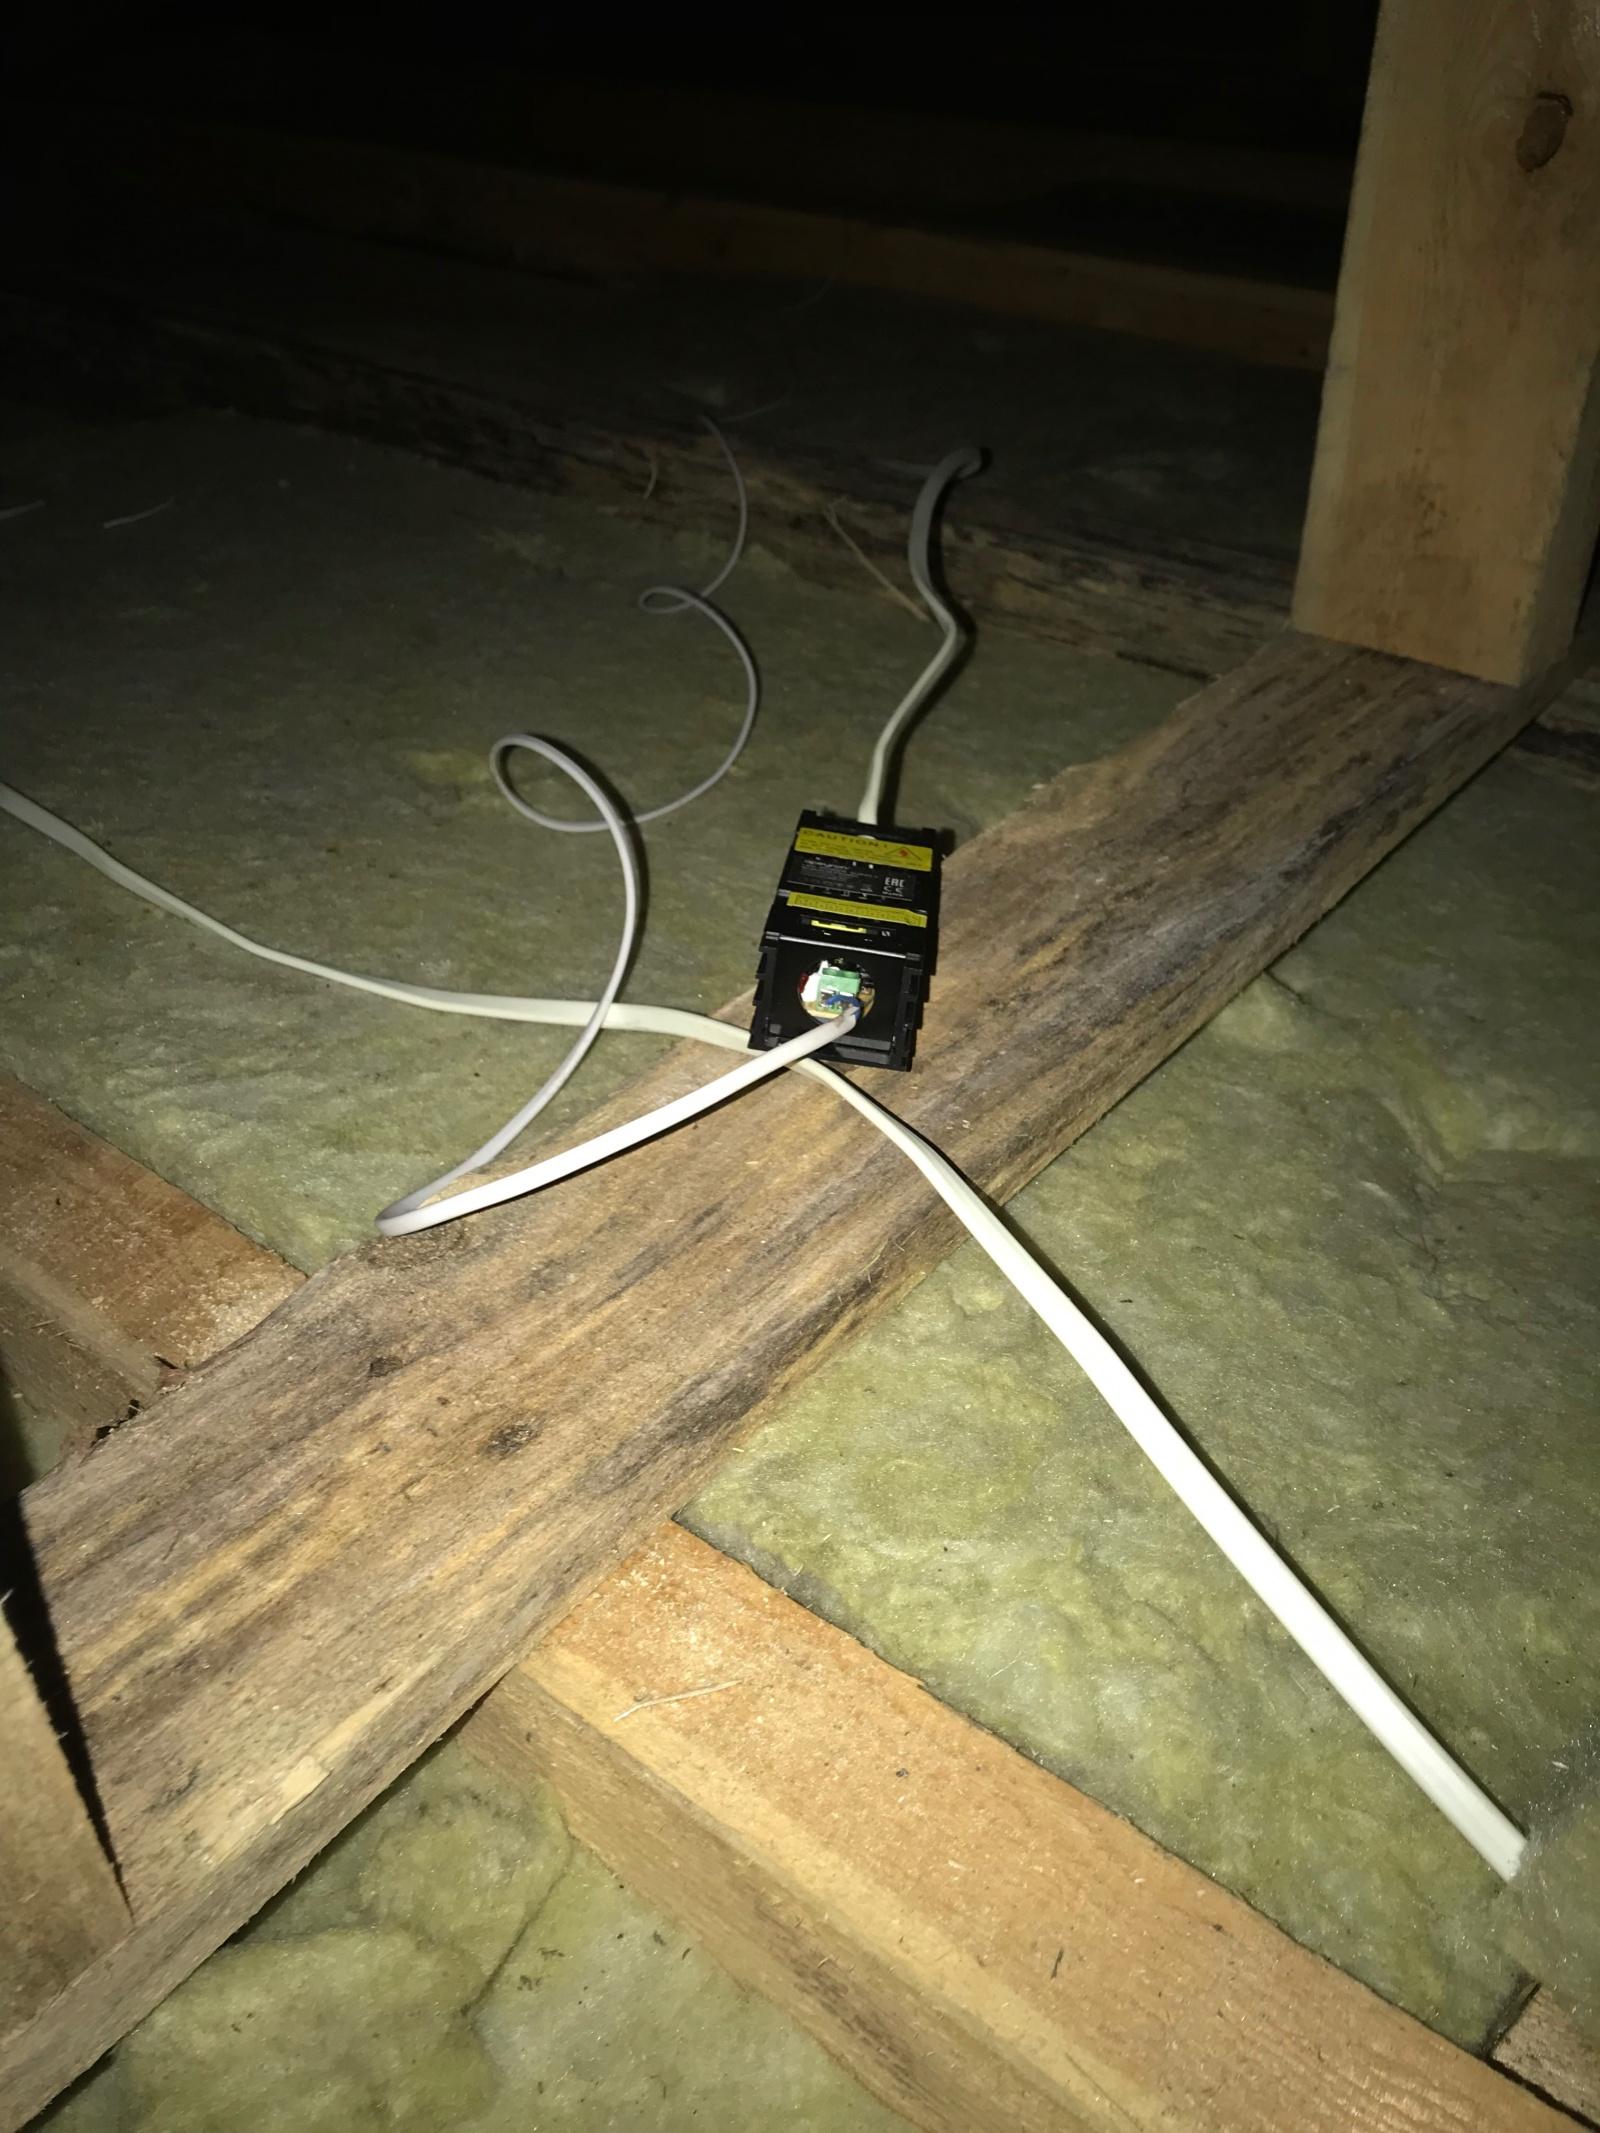 Noolite + Беседка — делаем удобный свет на даче - 14